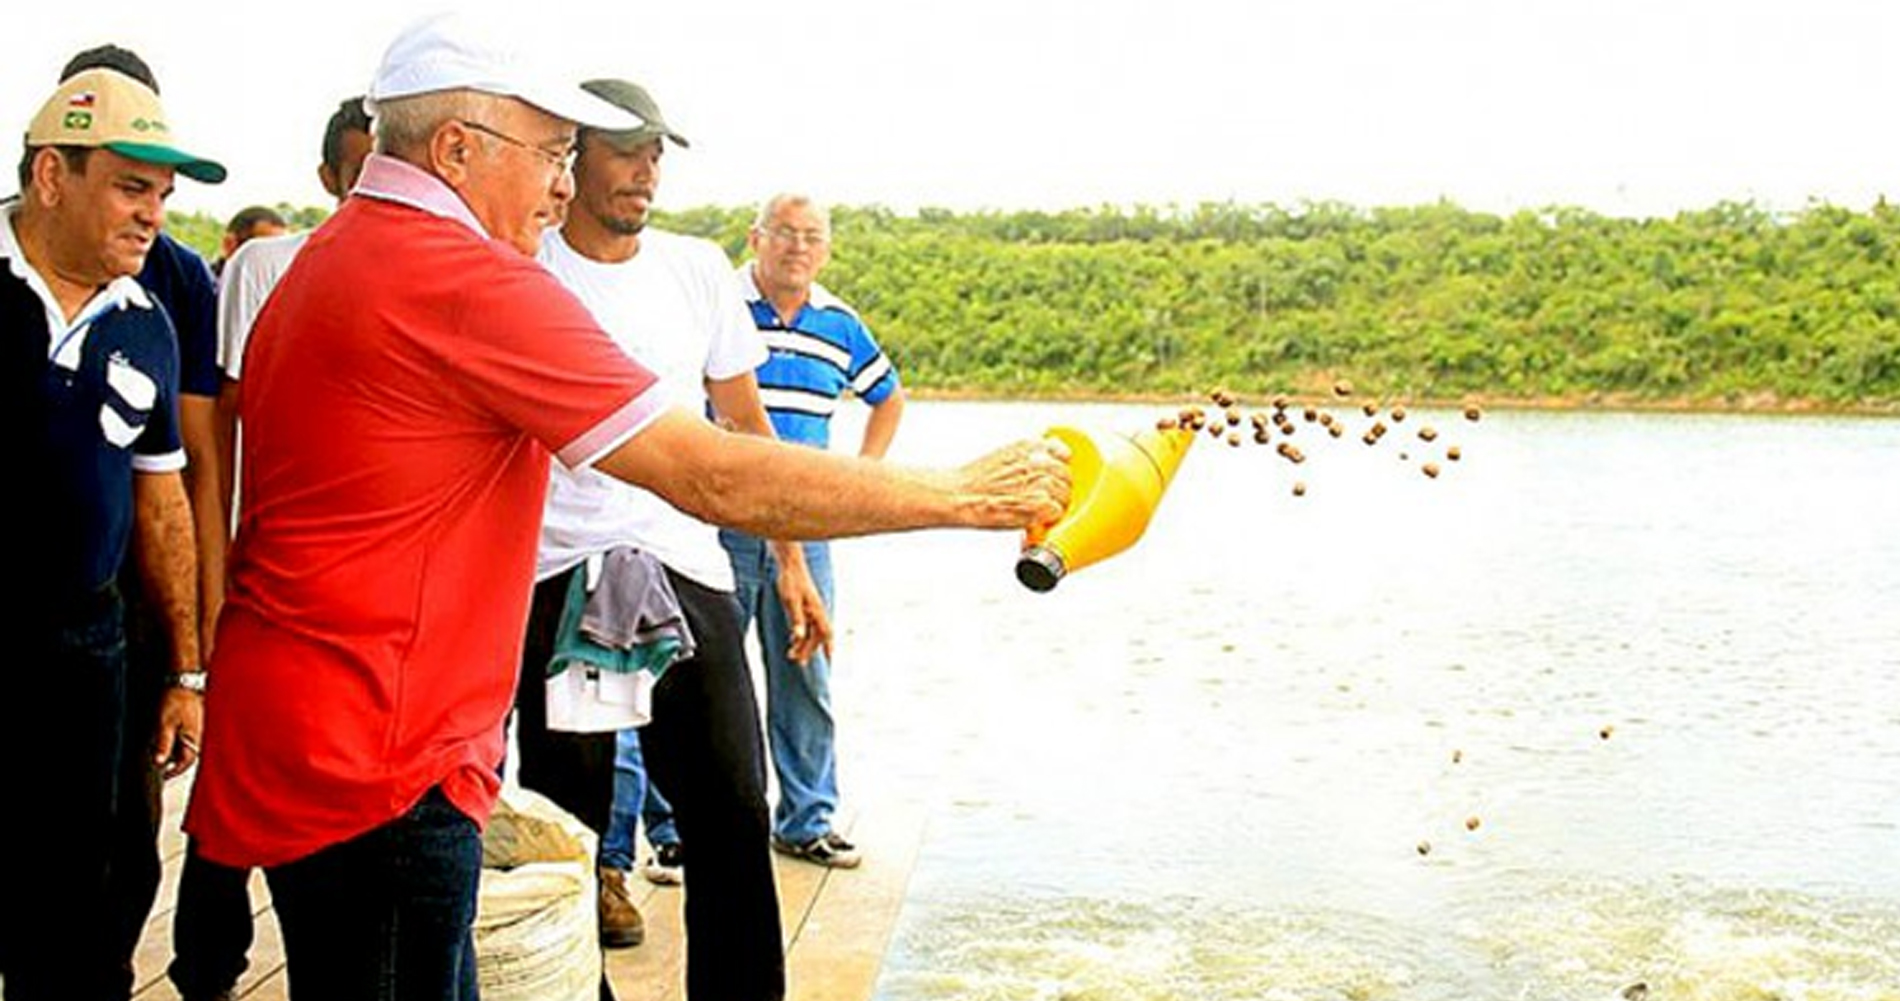 Peixes exóticos: Lei foi relatada por deputado ligado a piscicultura no Amazonas